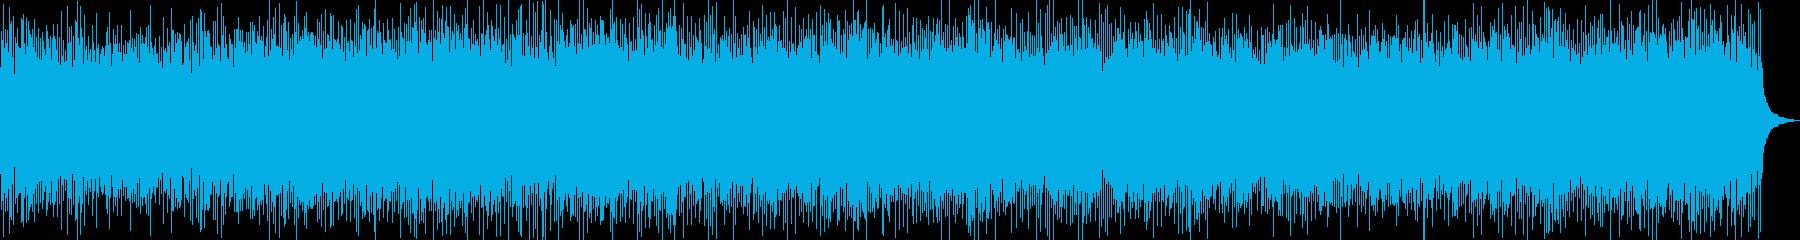 寂しい夏をイメージしたカントリーロックの再生済みの波形